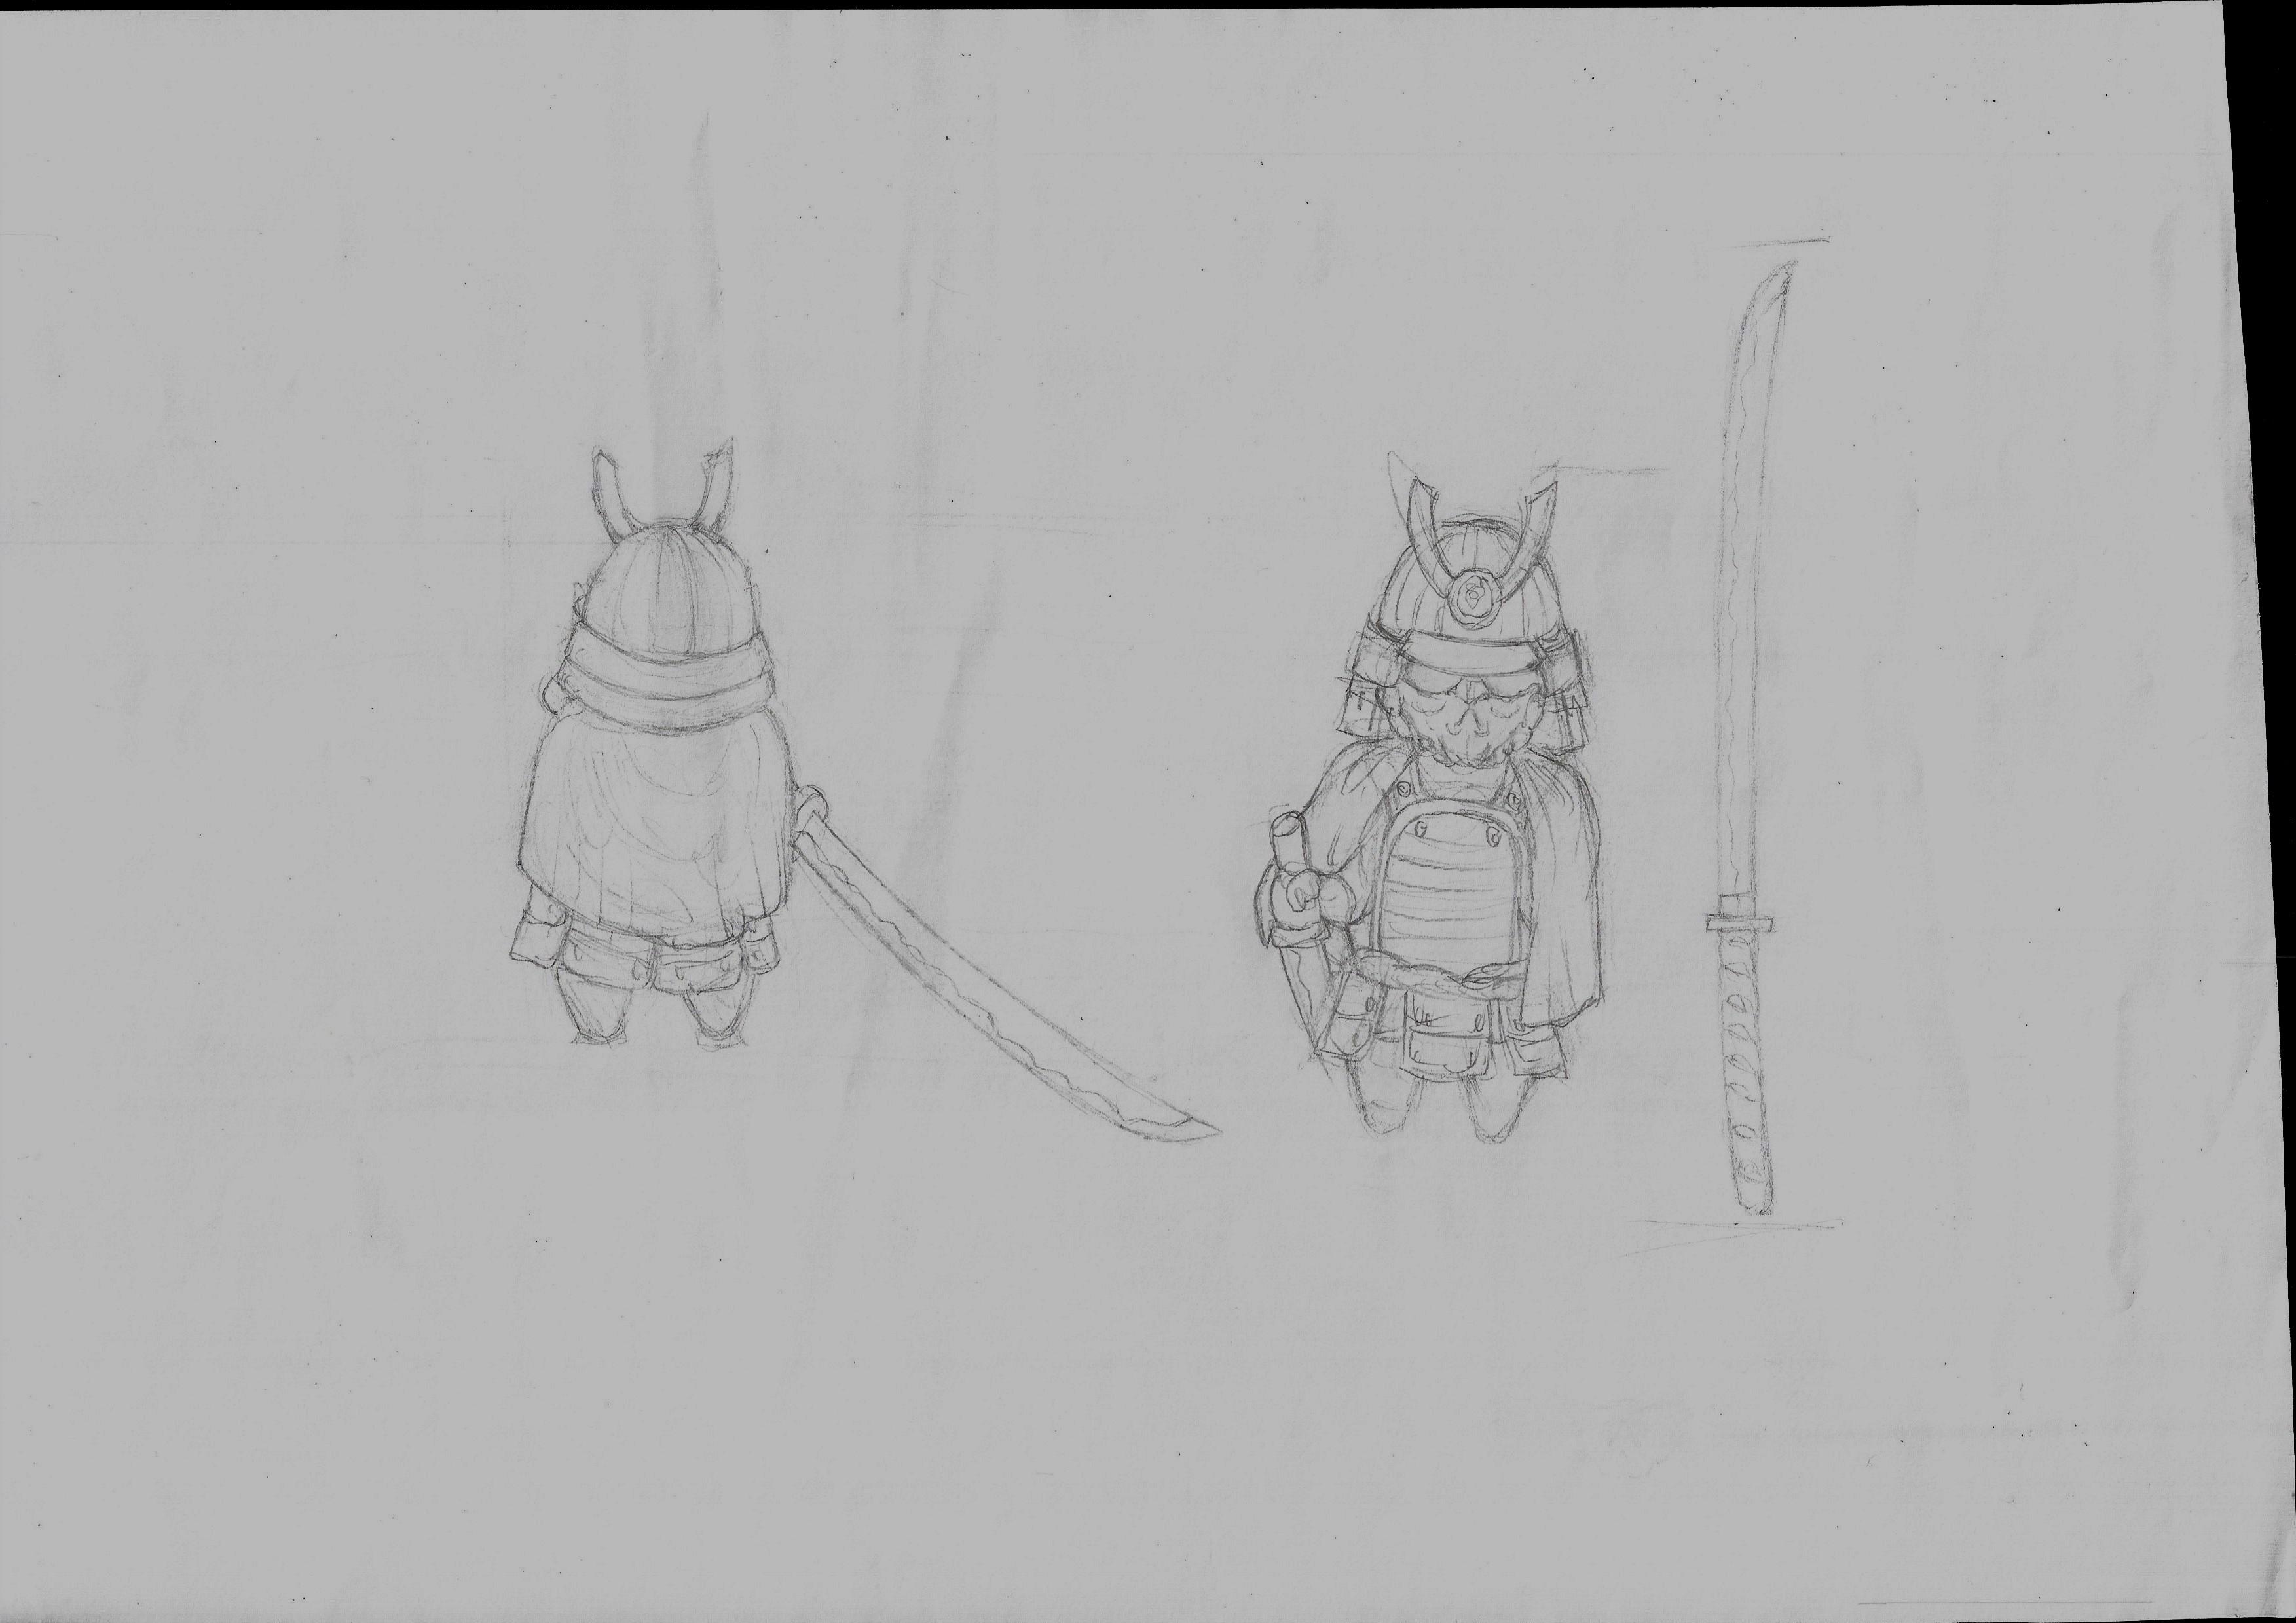 Kabuto first sketches